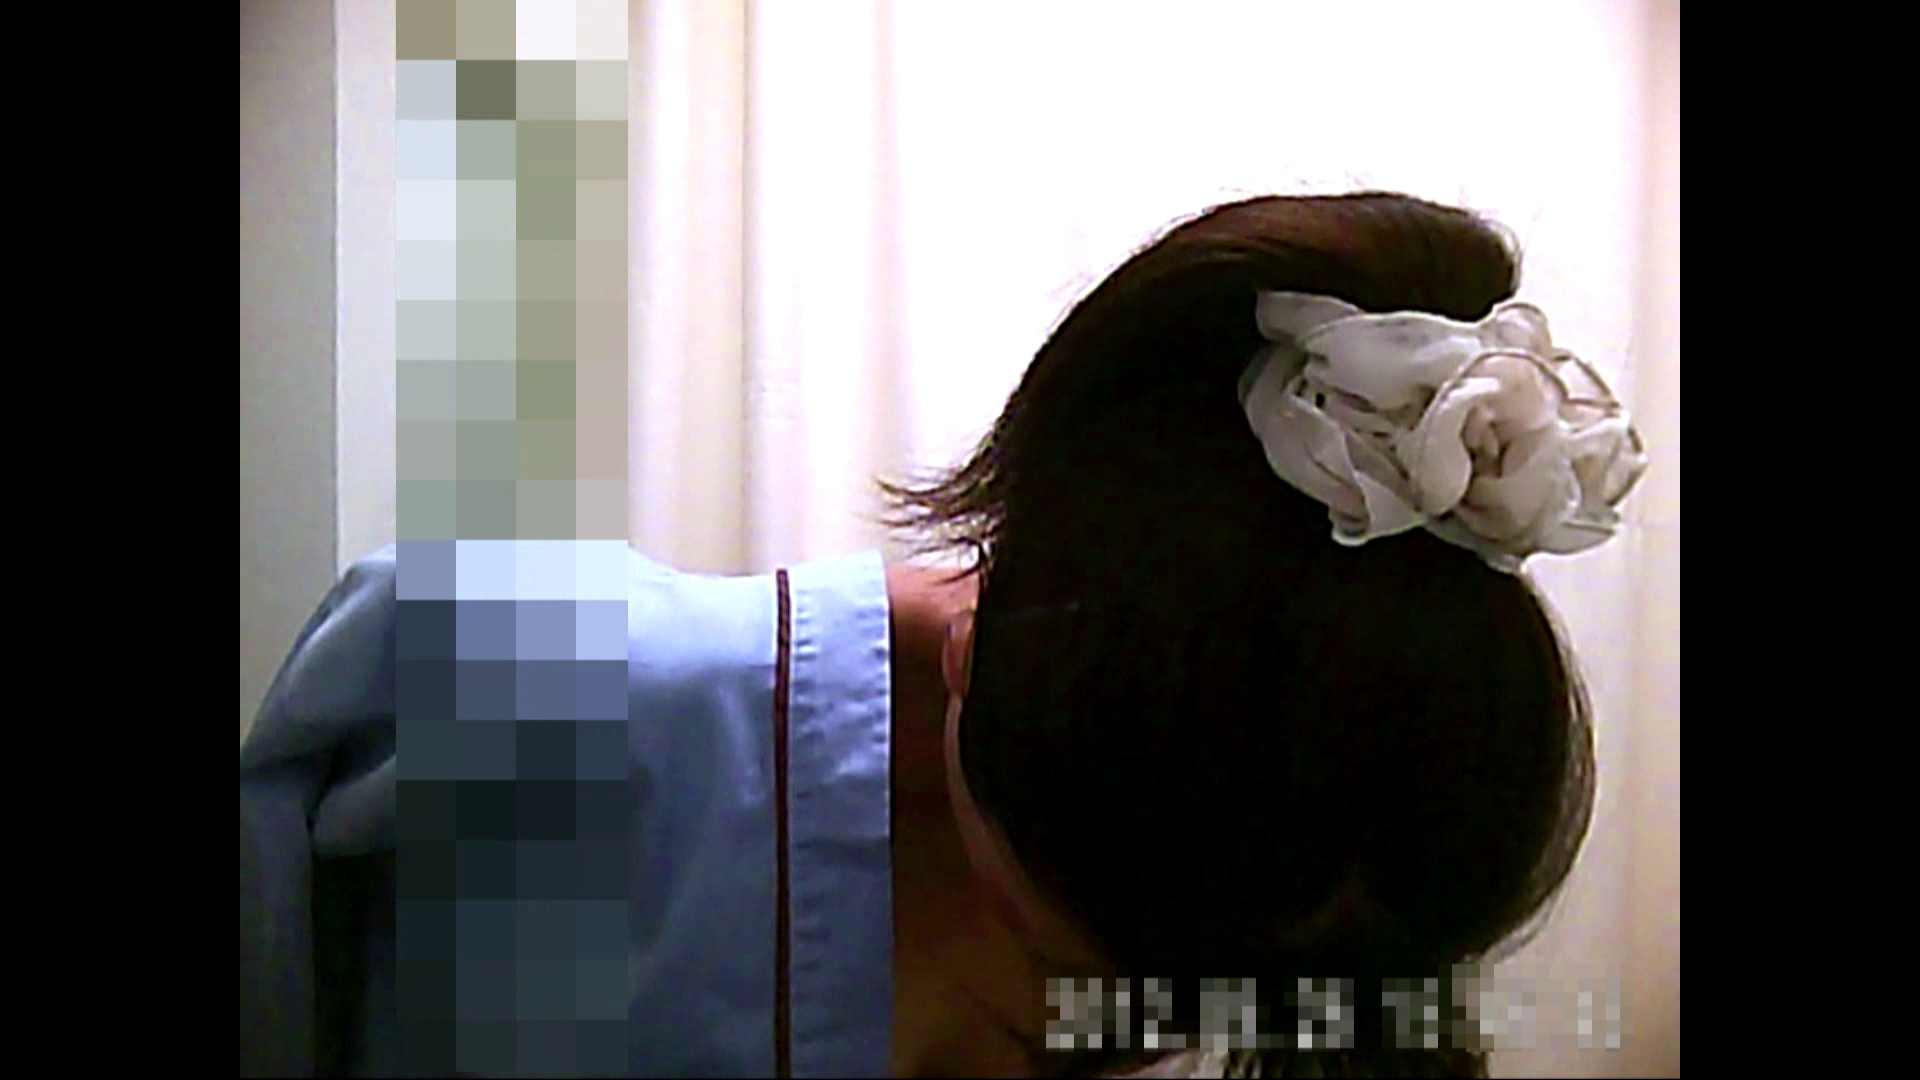 無修正エロ動画|元医者による反抗 更衣室地獄絵巻 vol.078|怪盗ジョーカー